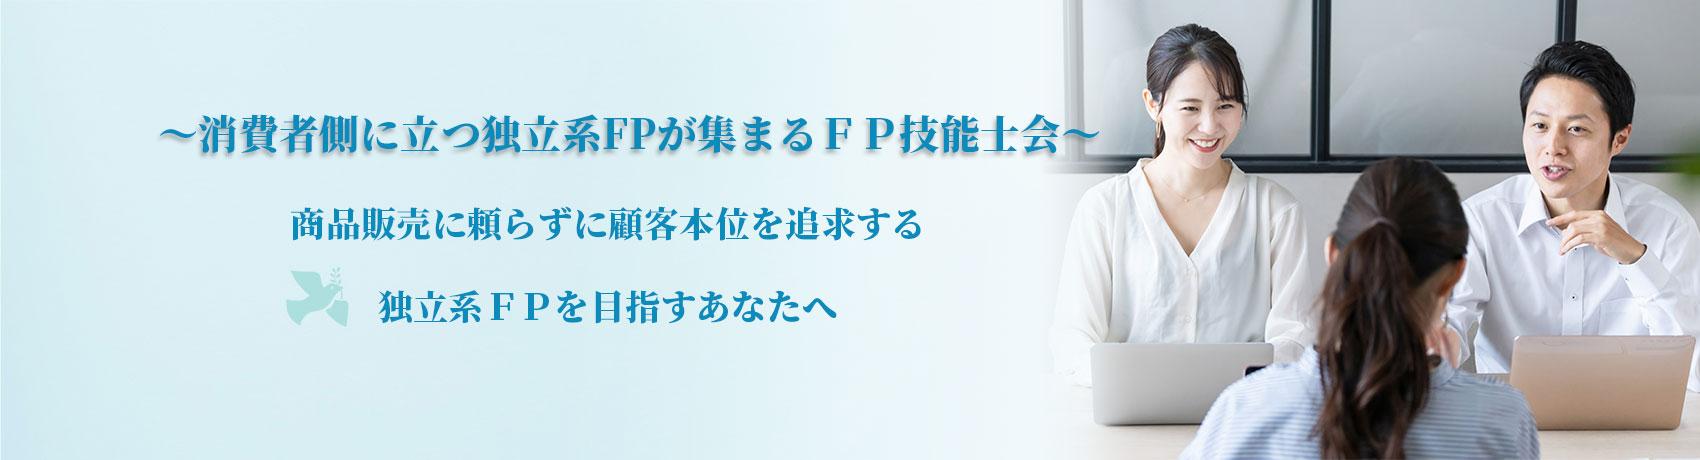 FP技能士会